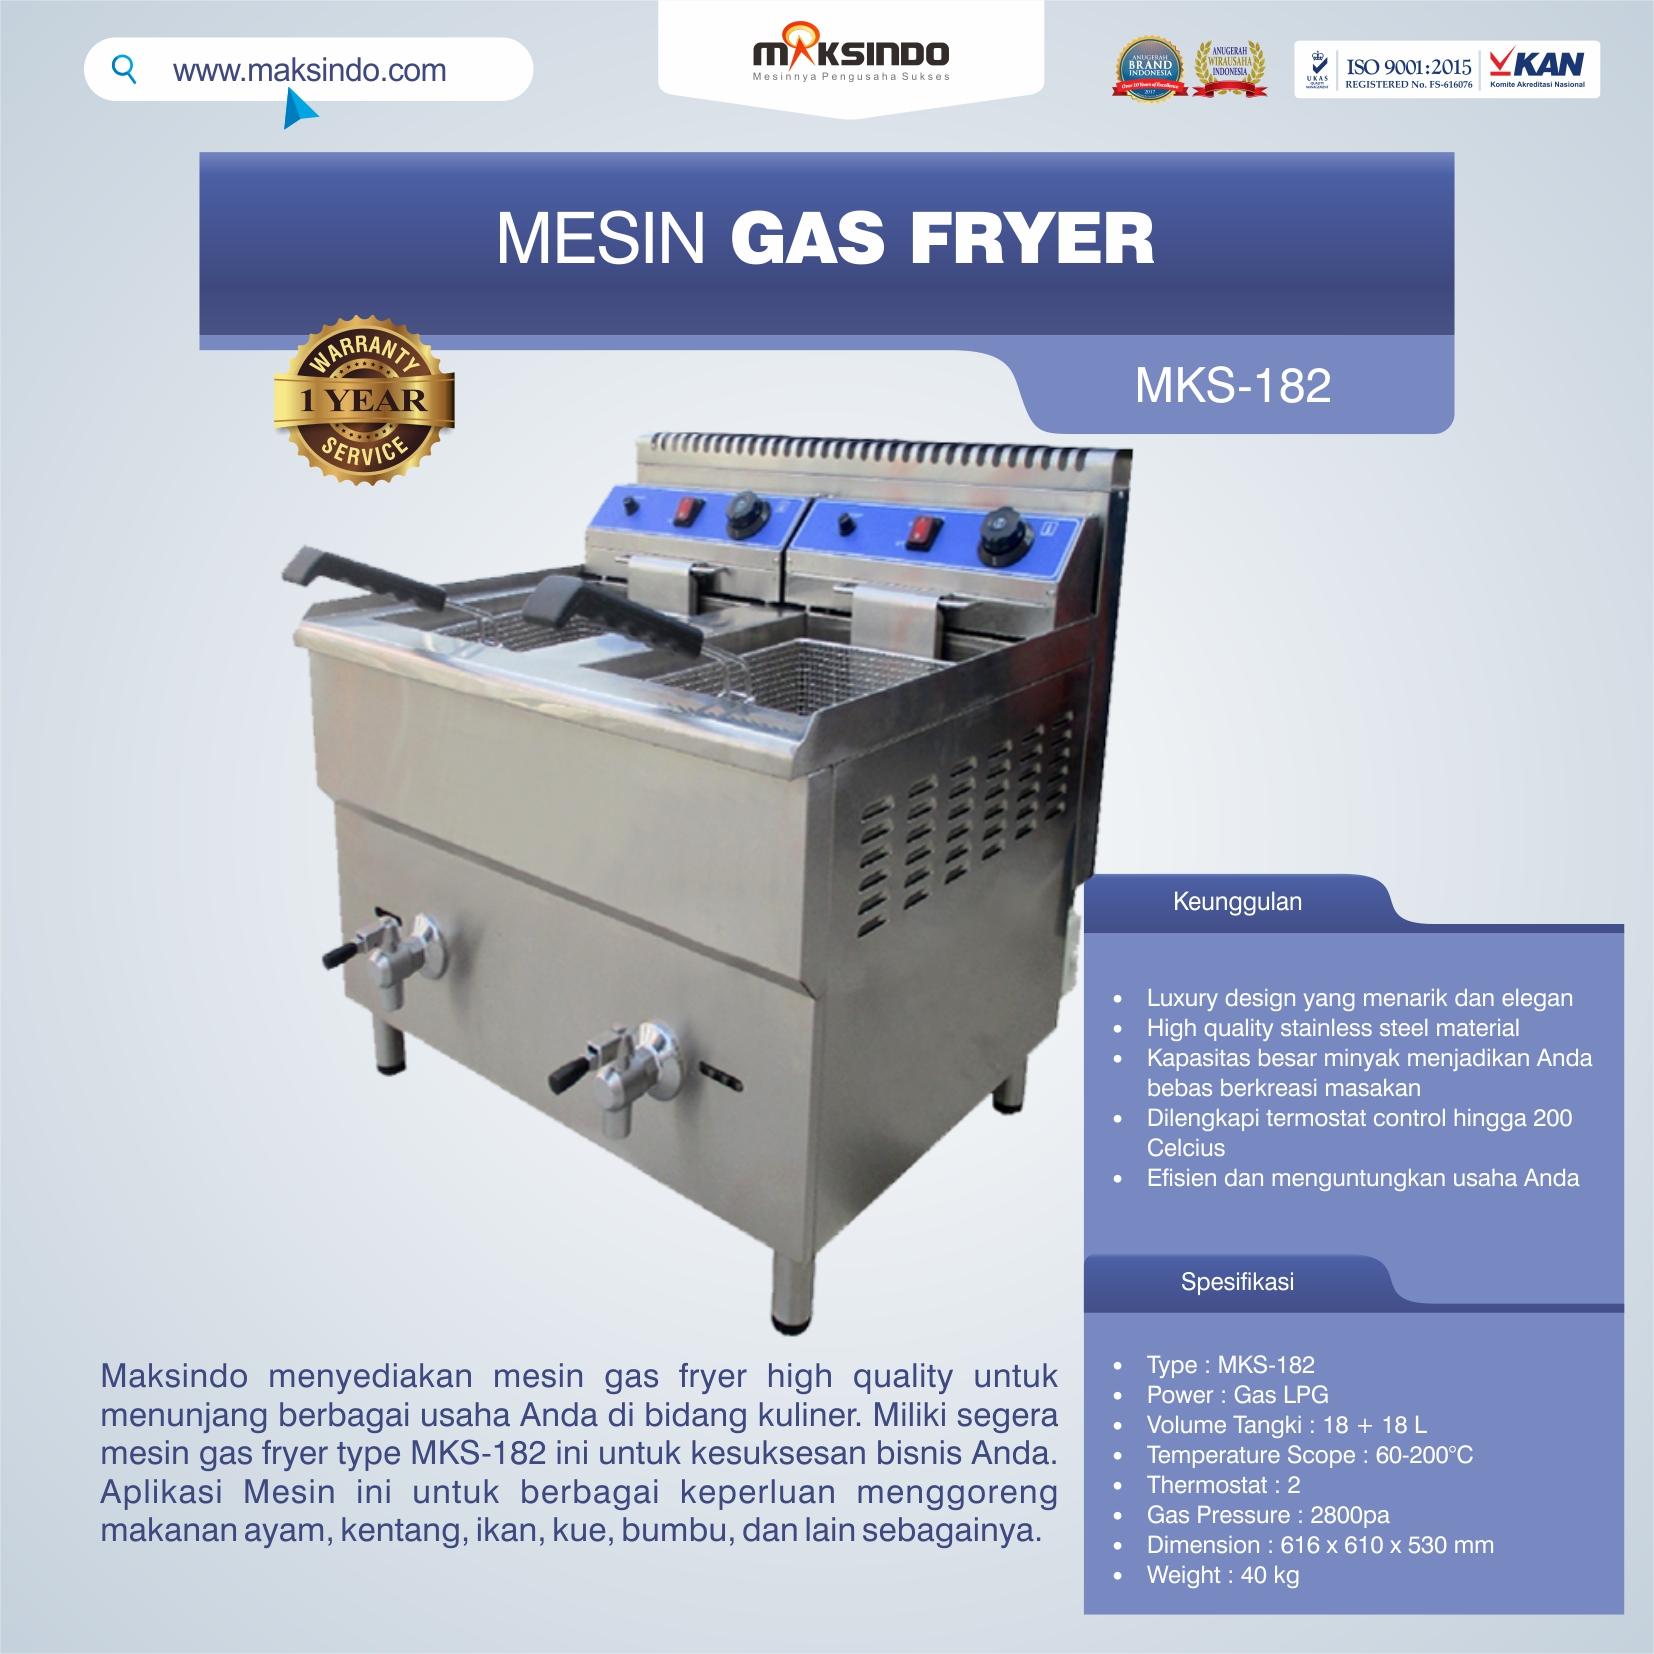 Jual Mesin Gas Fryer (MKS-182) di Bali